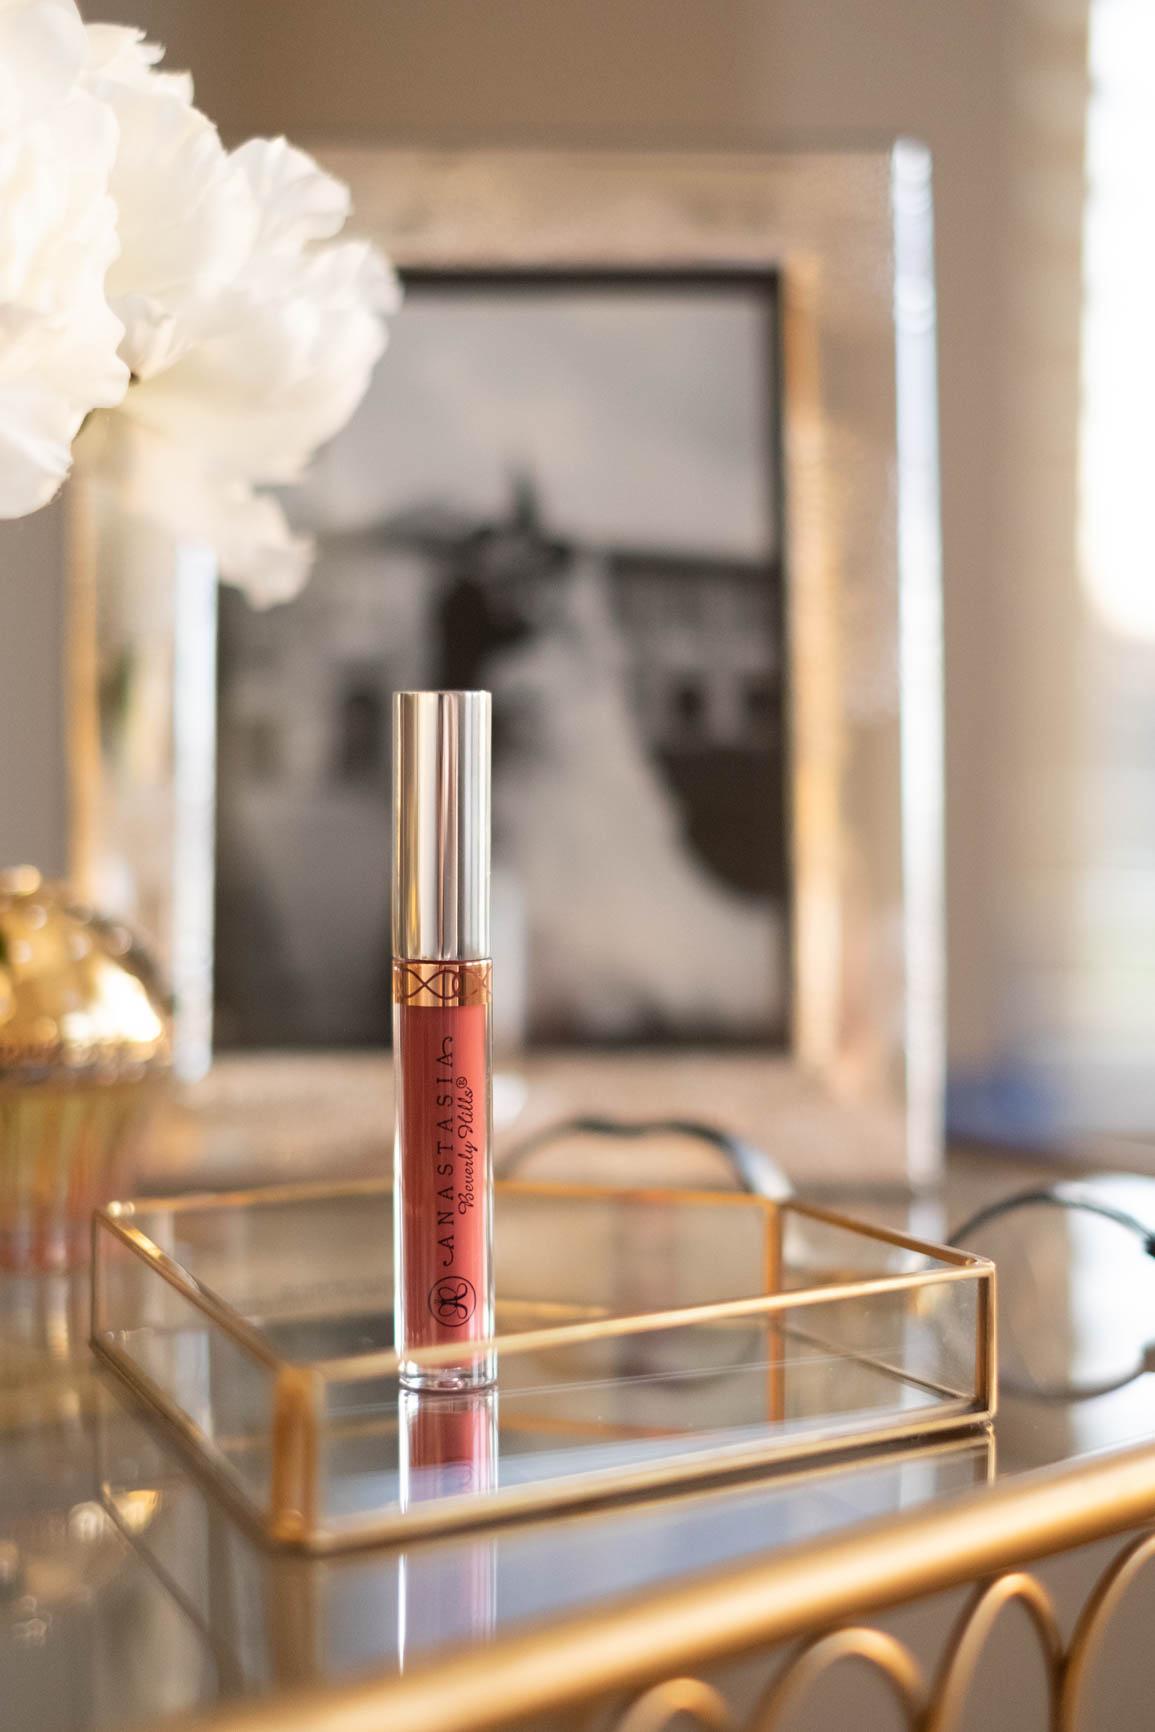 Anastasia Beverly Hills liquid lipstick on vanity table